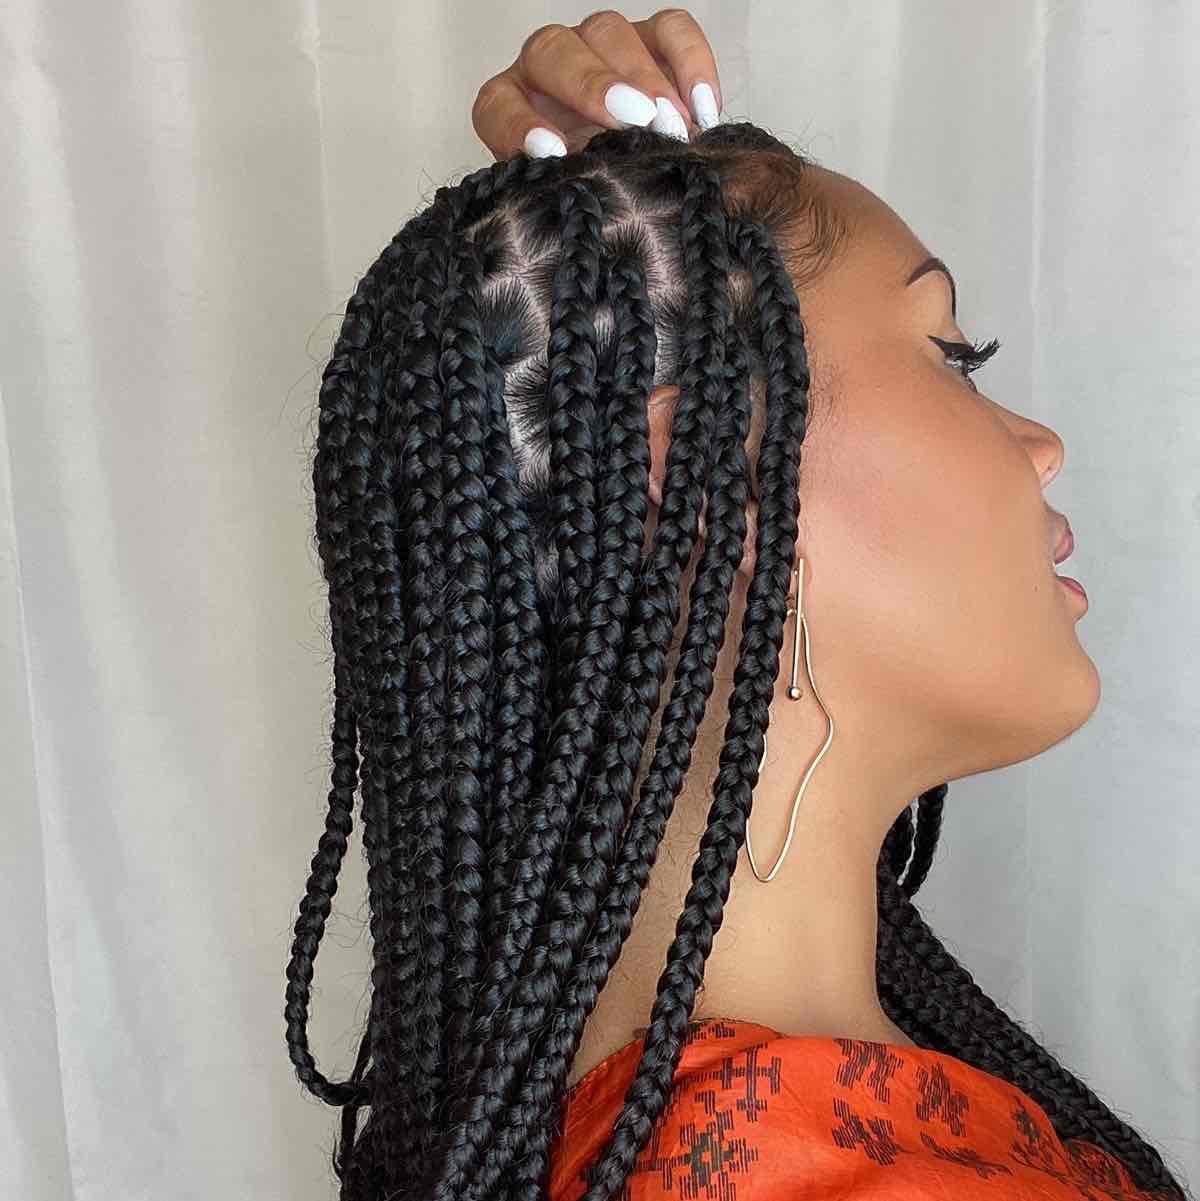 salon de coiffure afro tresse tresses box braids crochet braids vanilles tissages paris 75 77 78 91 92 93 94 95 JVKKTJUF